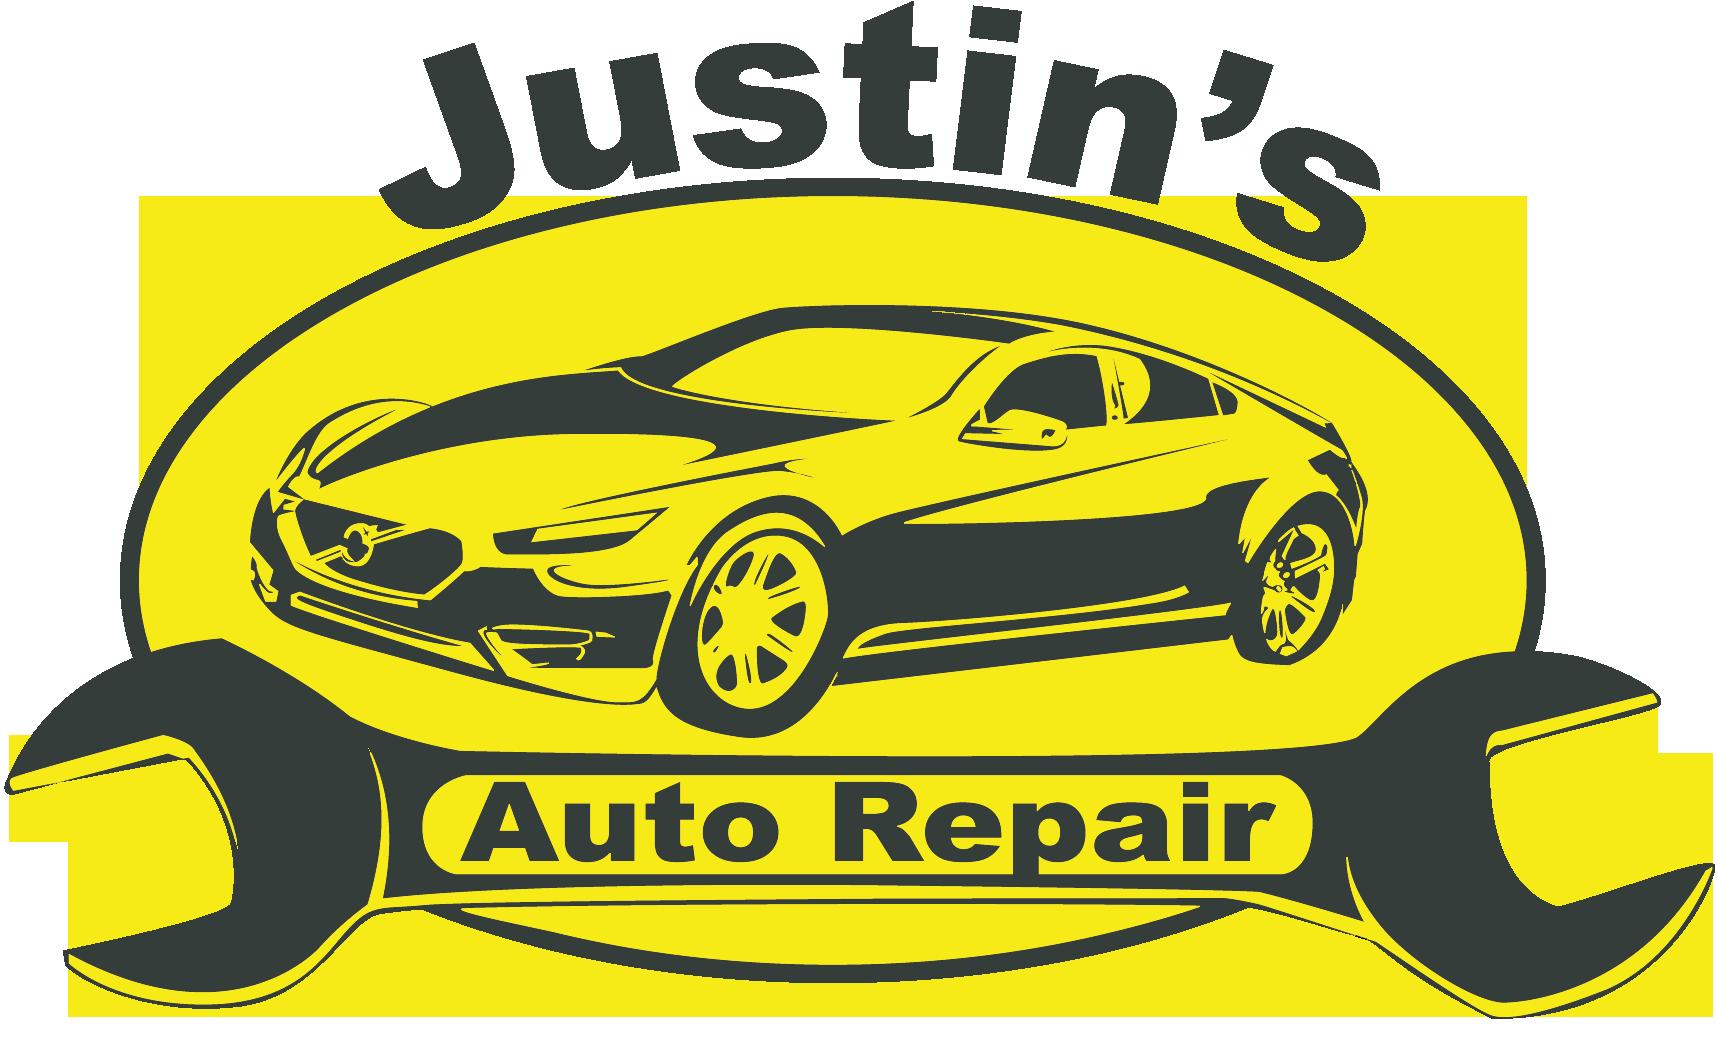 home justin s auto repair auto repair logos ideas auto repair logos vector